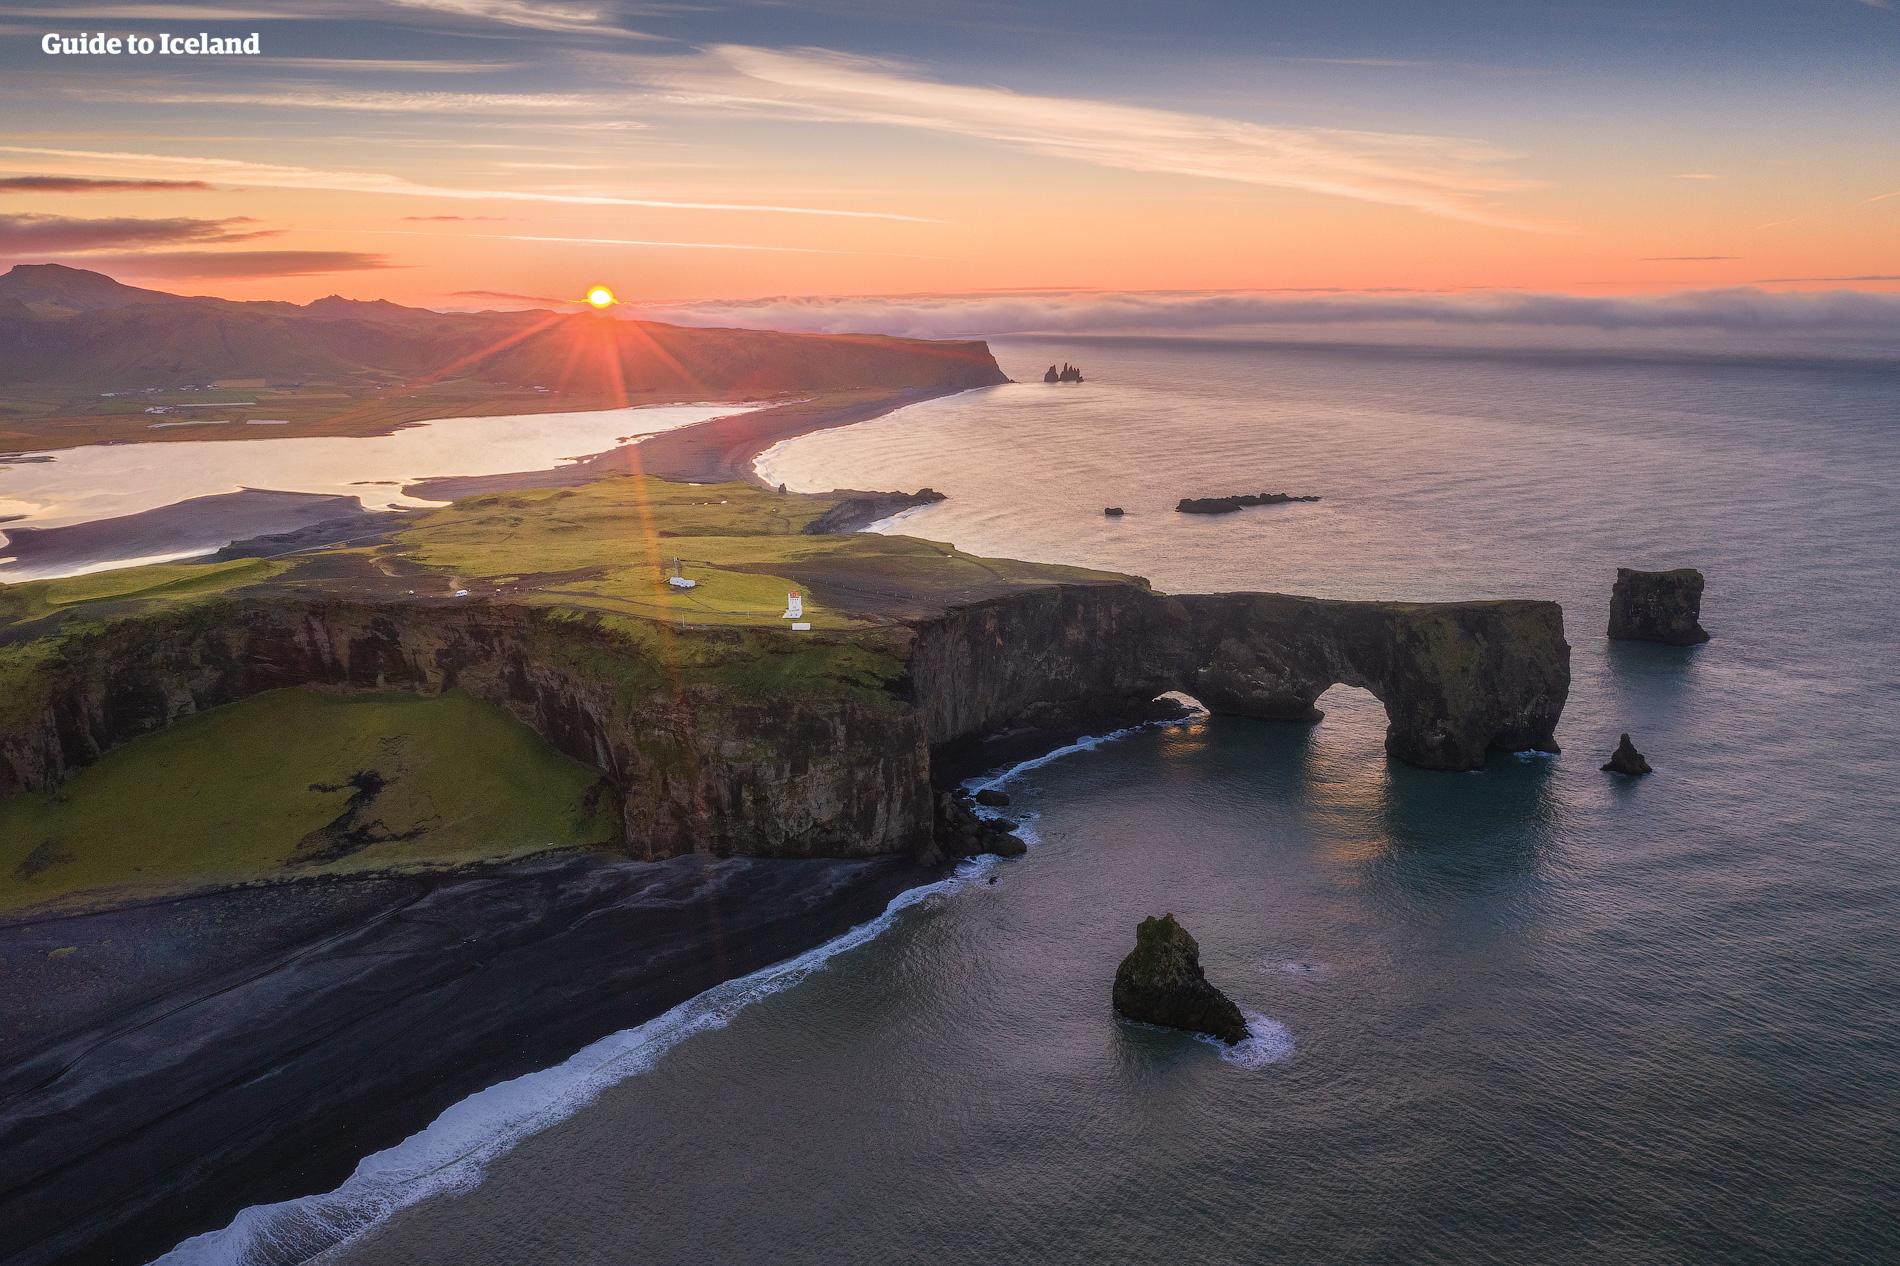 8일 여름 렌트카 여행 패키지 | 남부 해안과 아이슬란드 일주